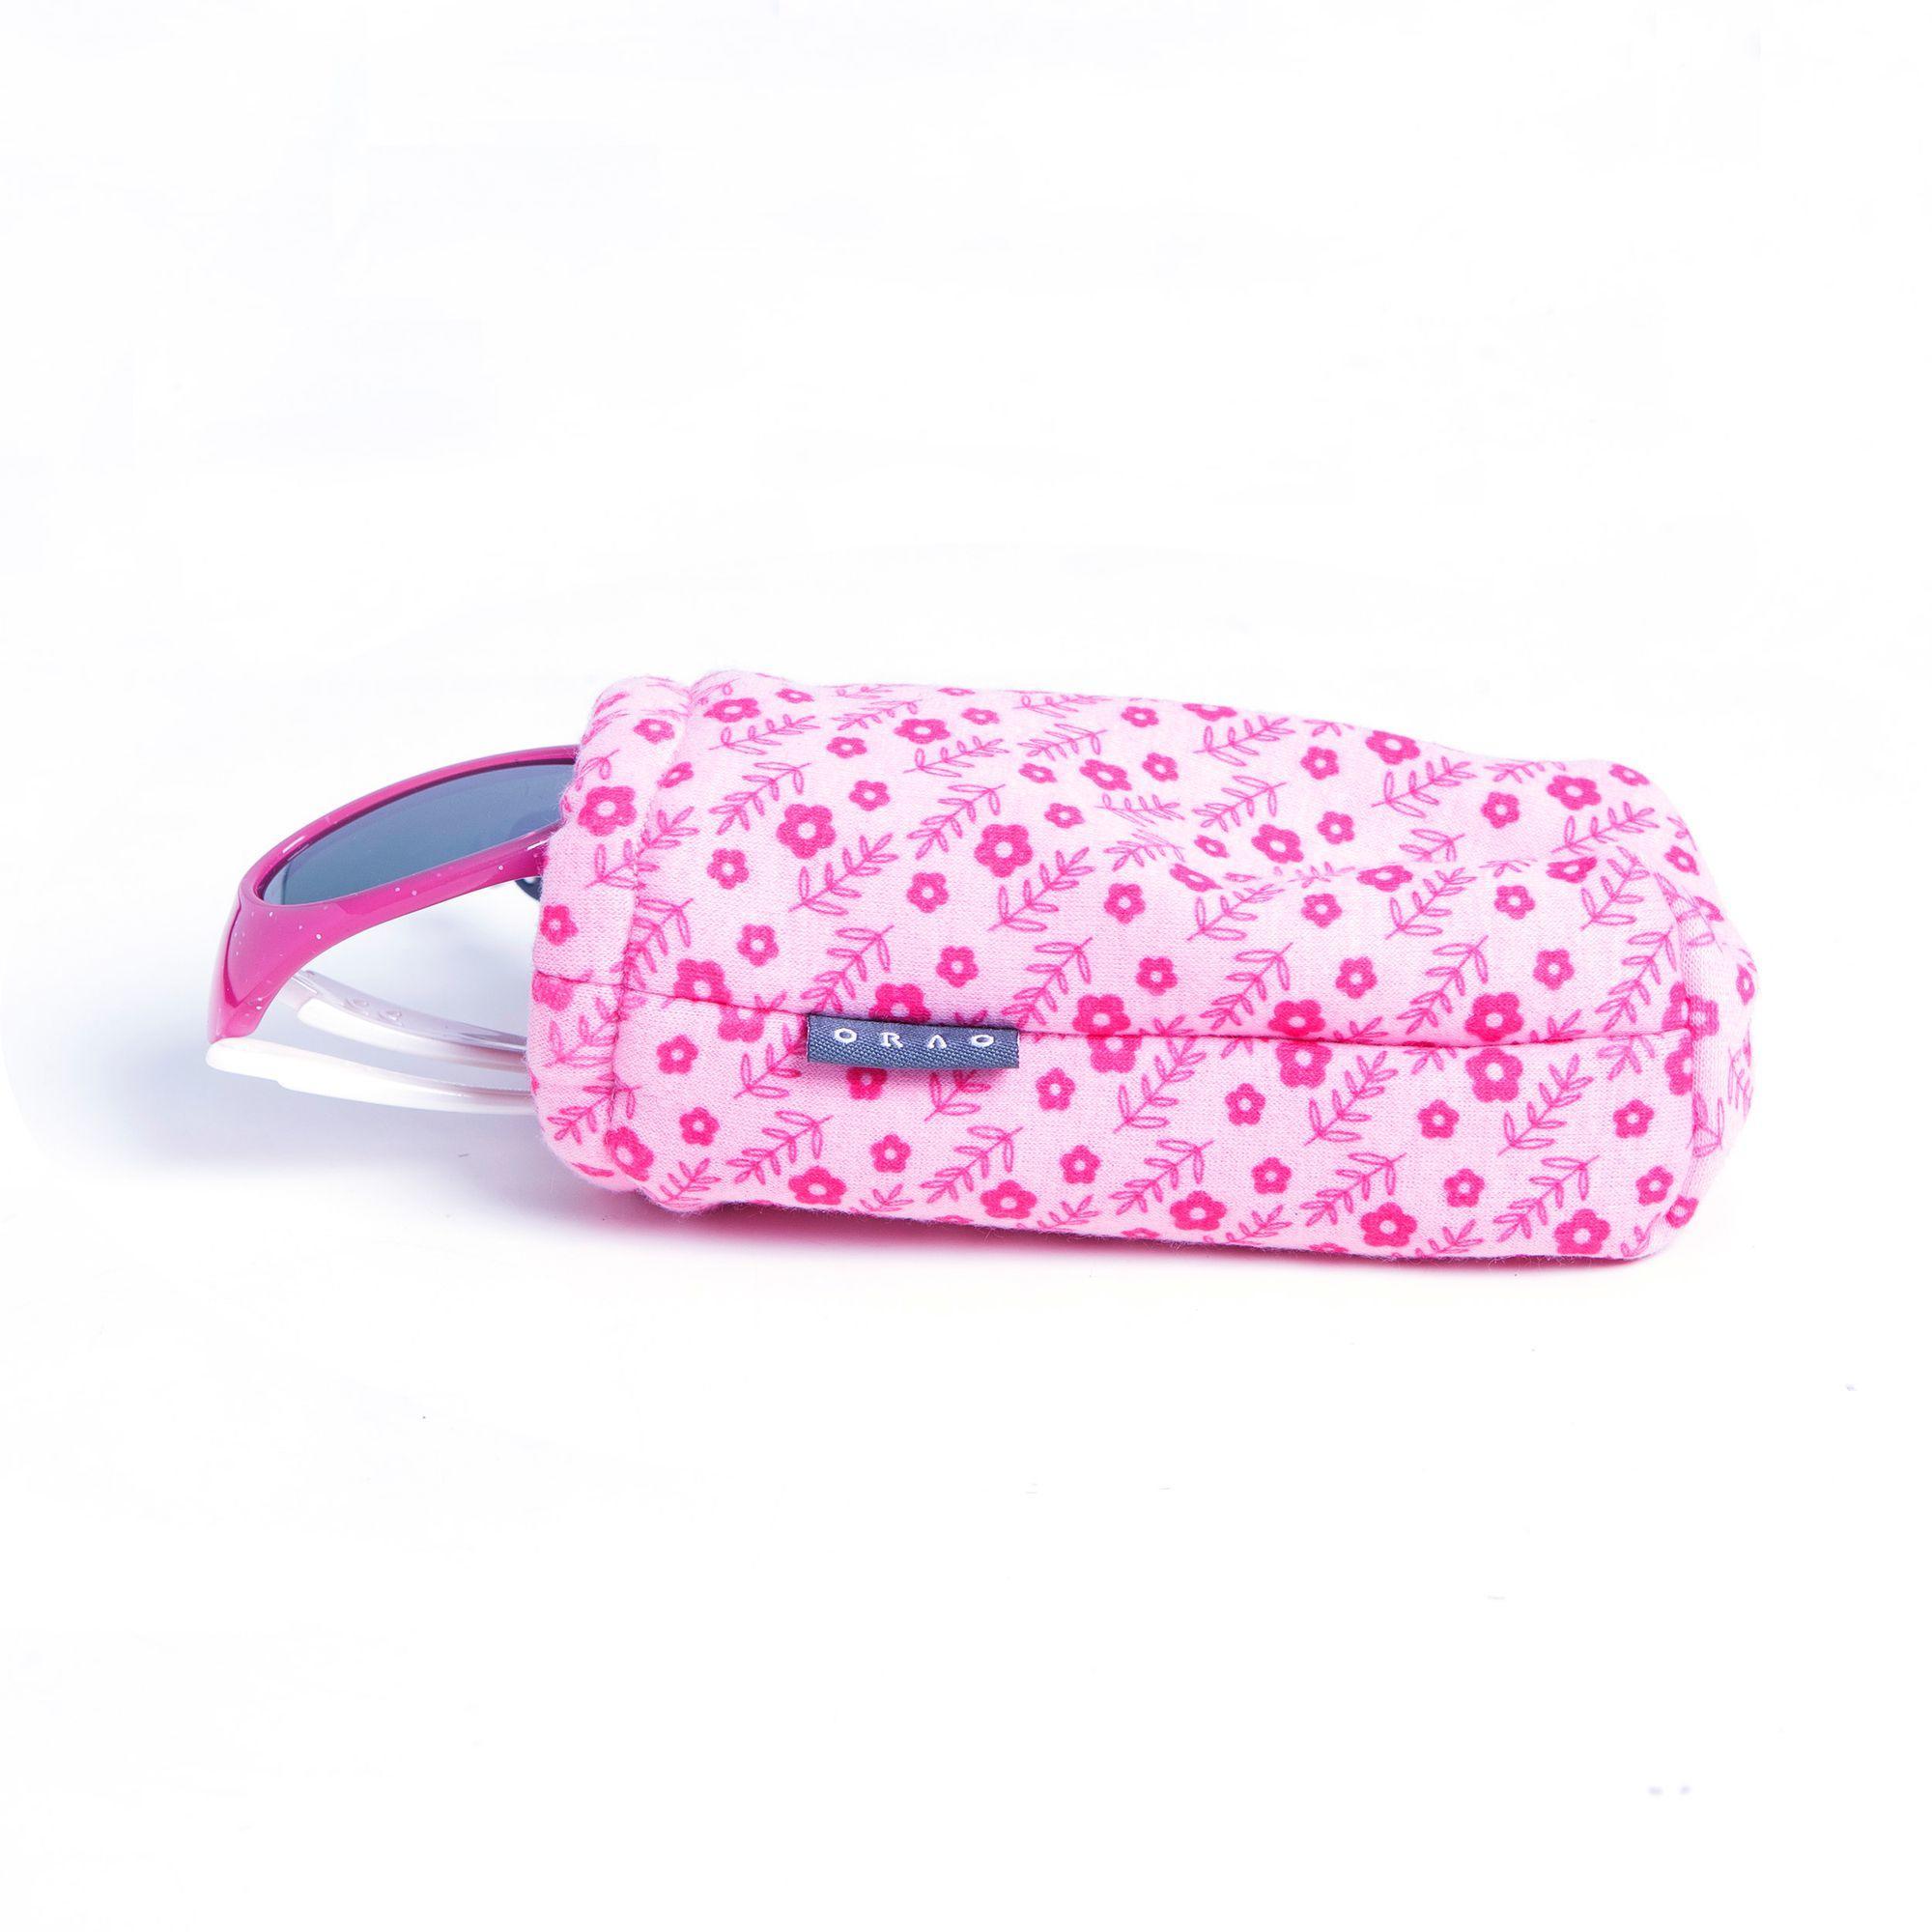 Funda de tela para lentes de sol de bebé y niño CASE 140 JR rosa